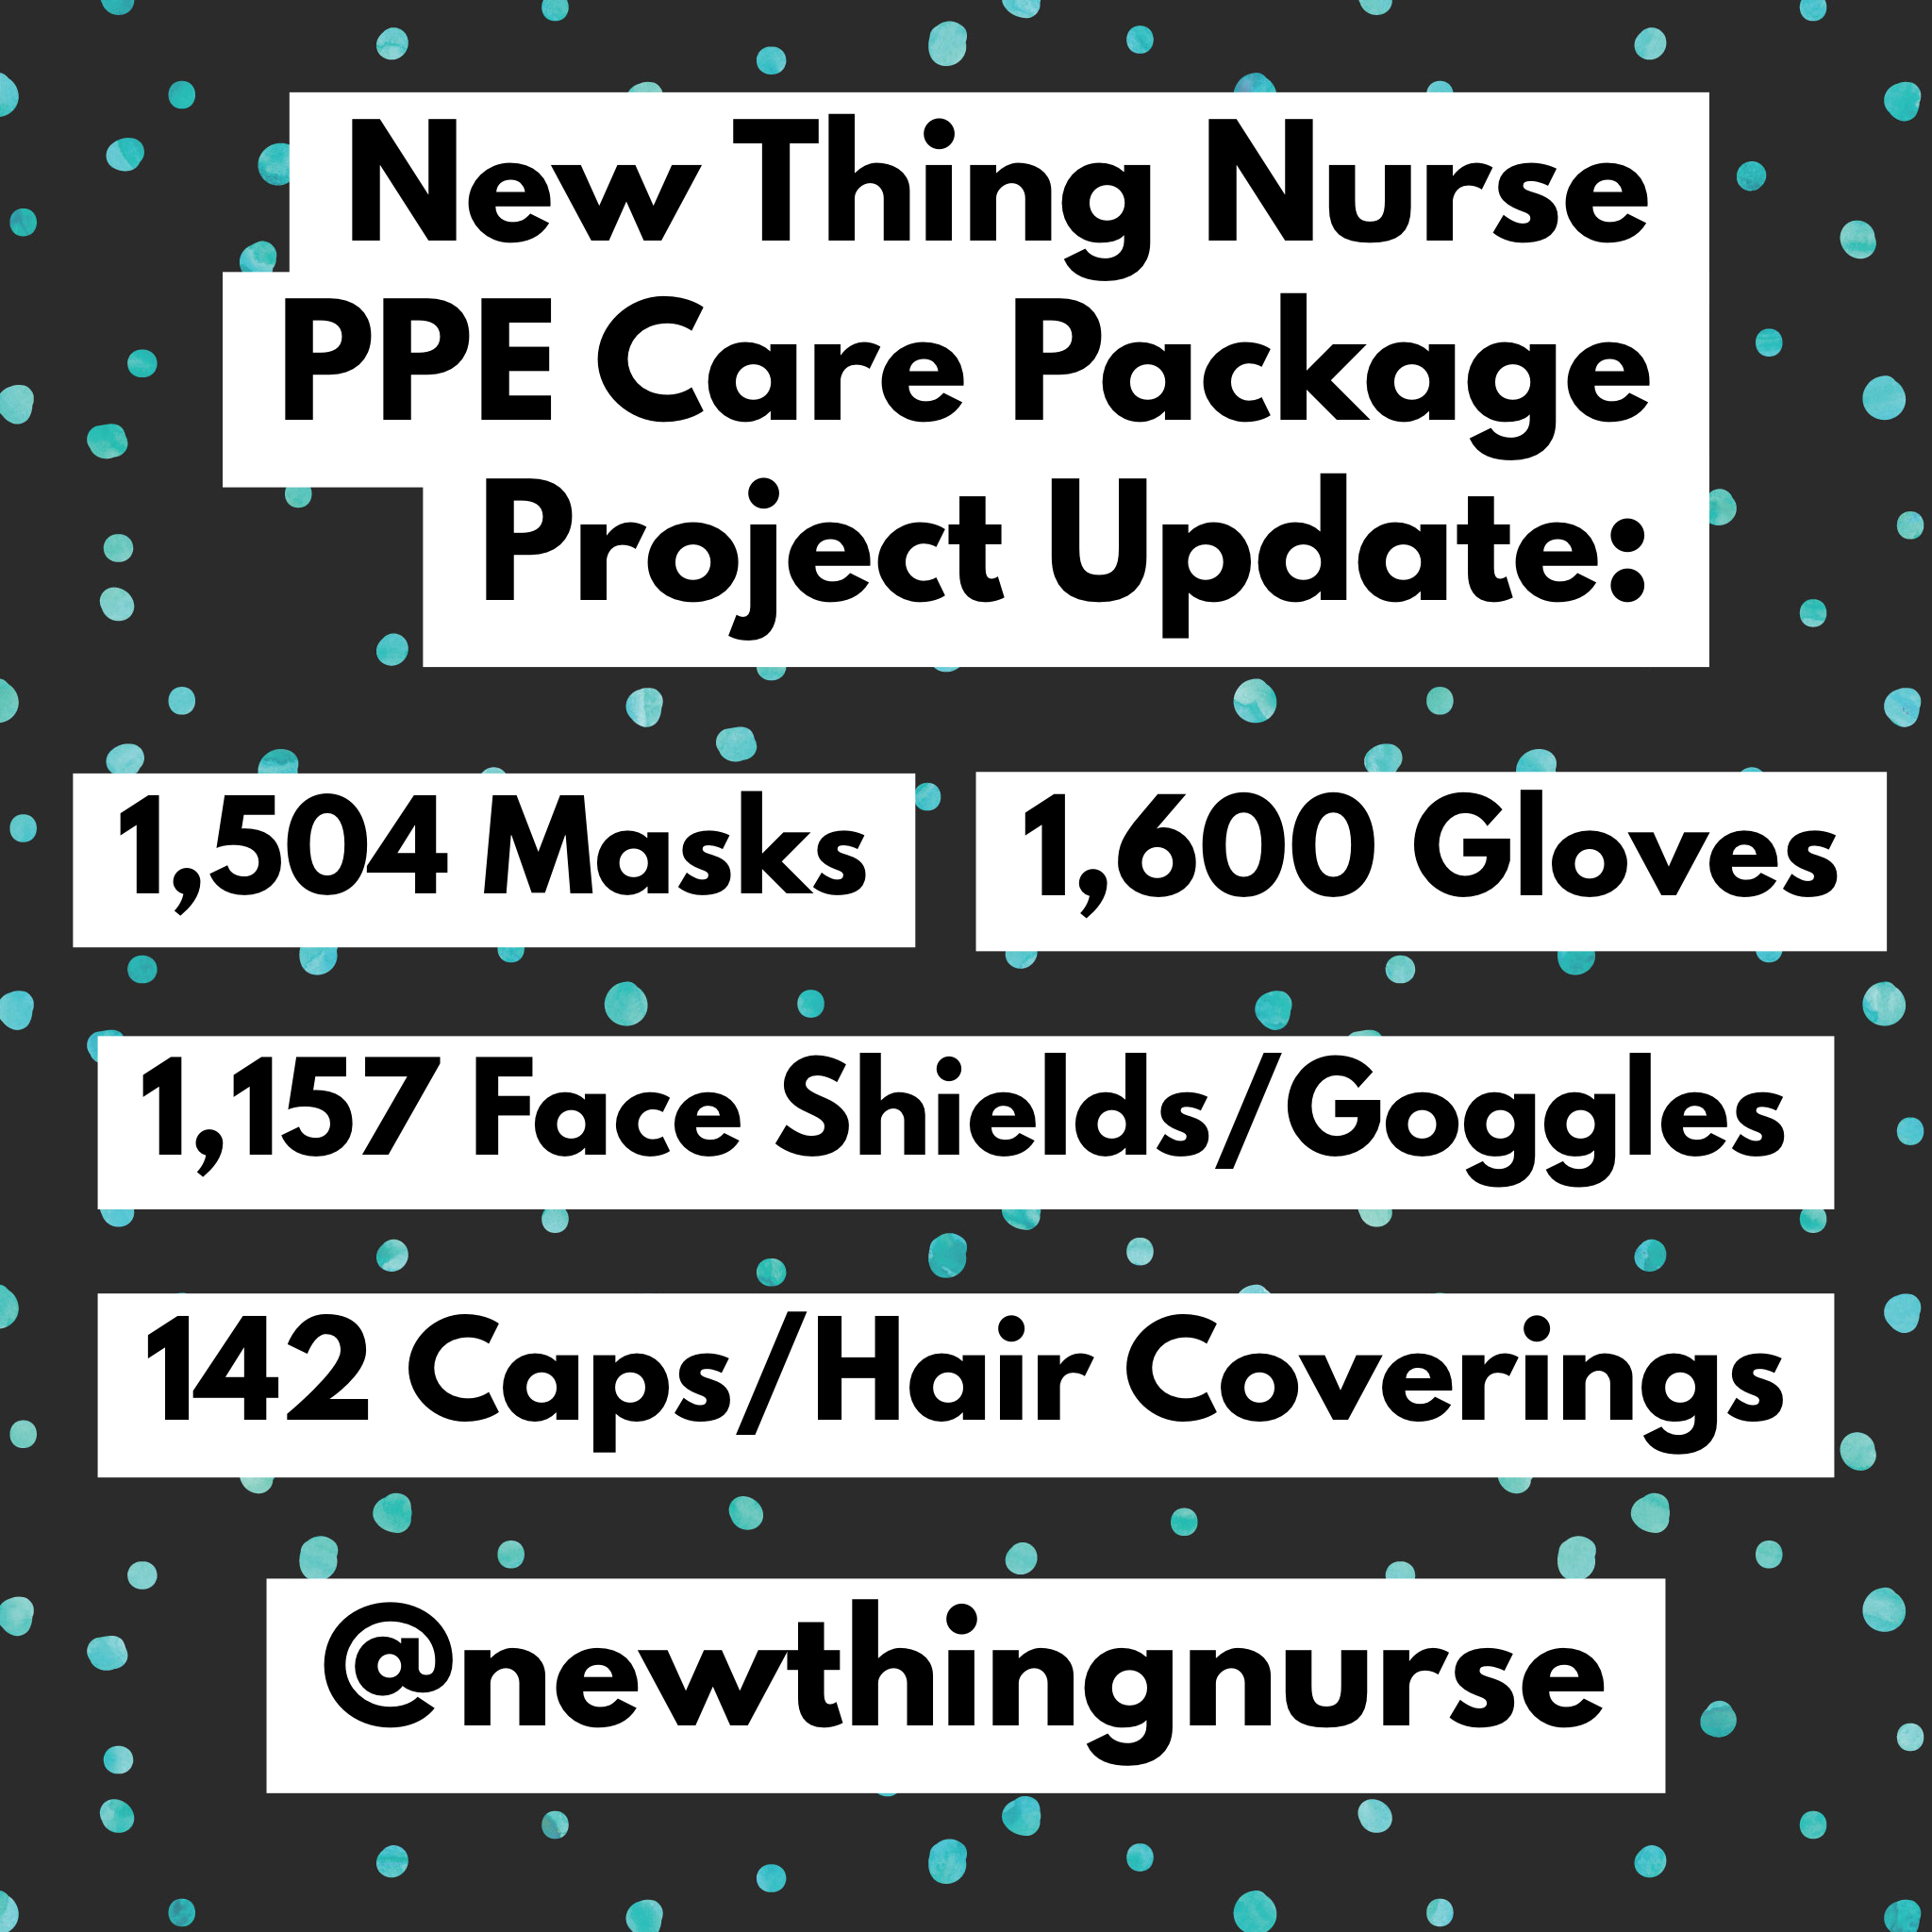 2020年7月15日:新事物护新万博官方app士个人防护用品护理包项目,截至7月15日!点击图片阅读更多!